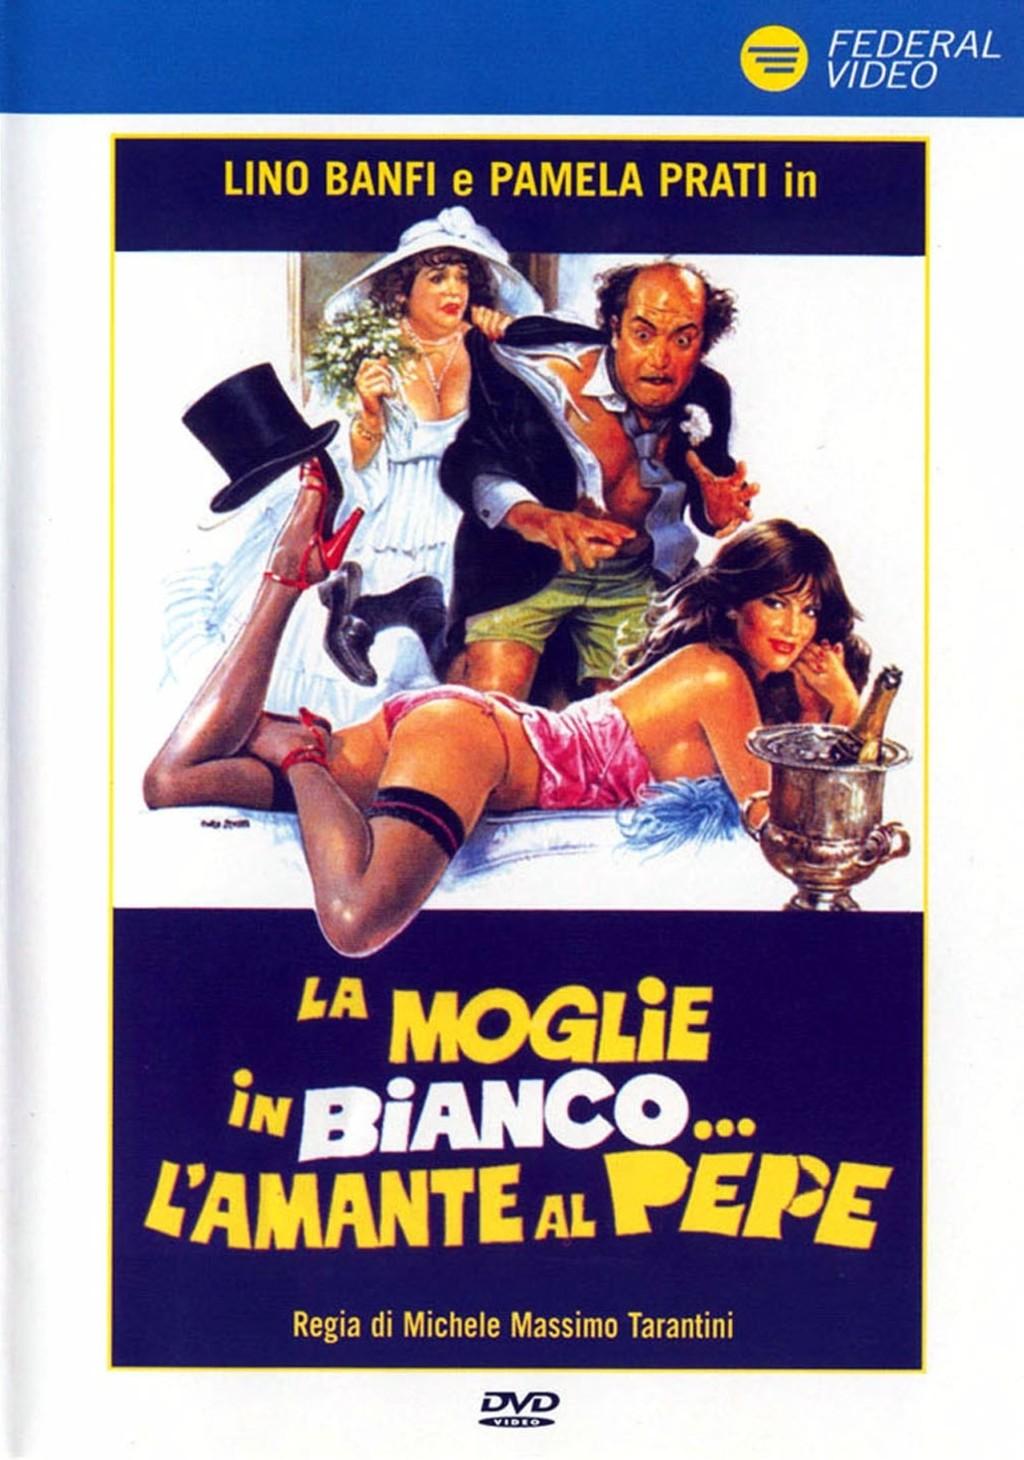 Image result for LA MOGLIE IN BIANCO L'AMANTE AL PEPE ( 1981 ) POSTER